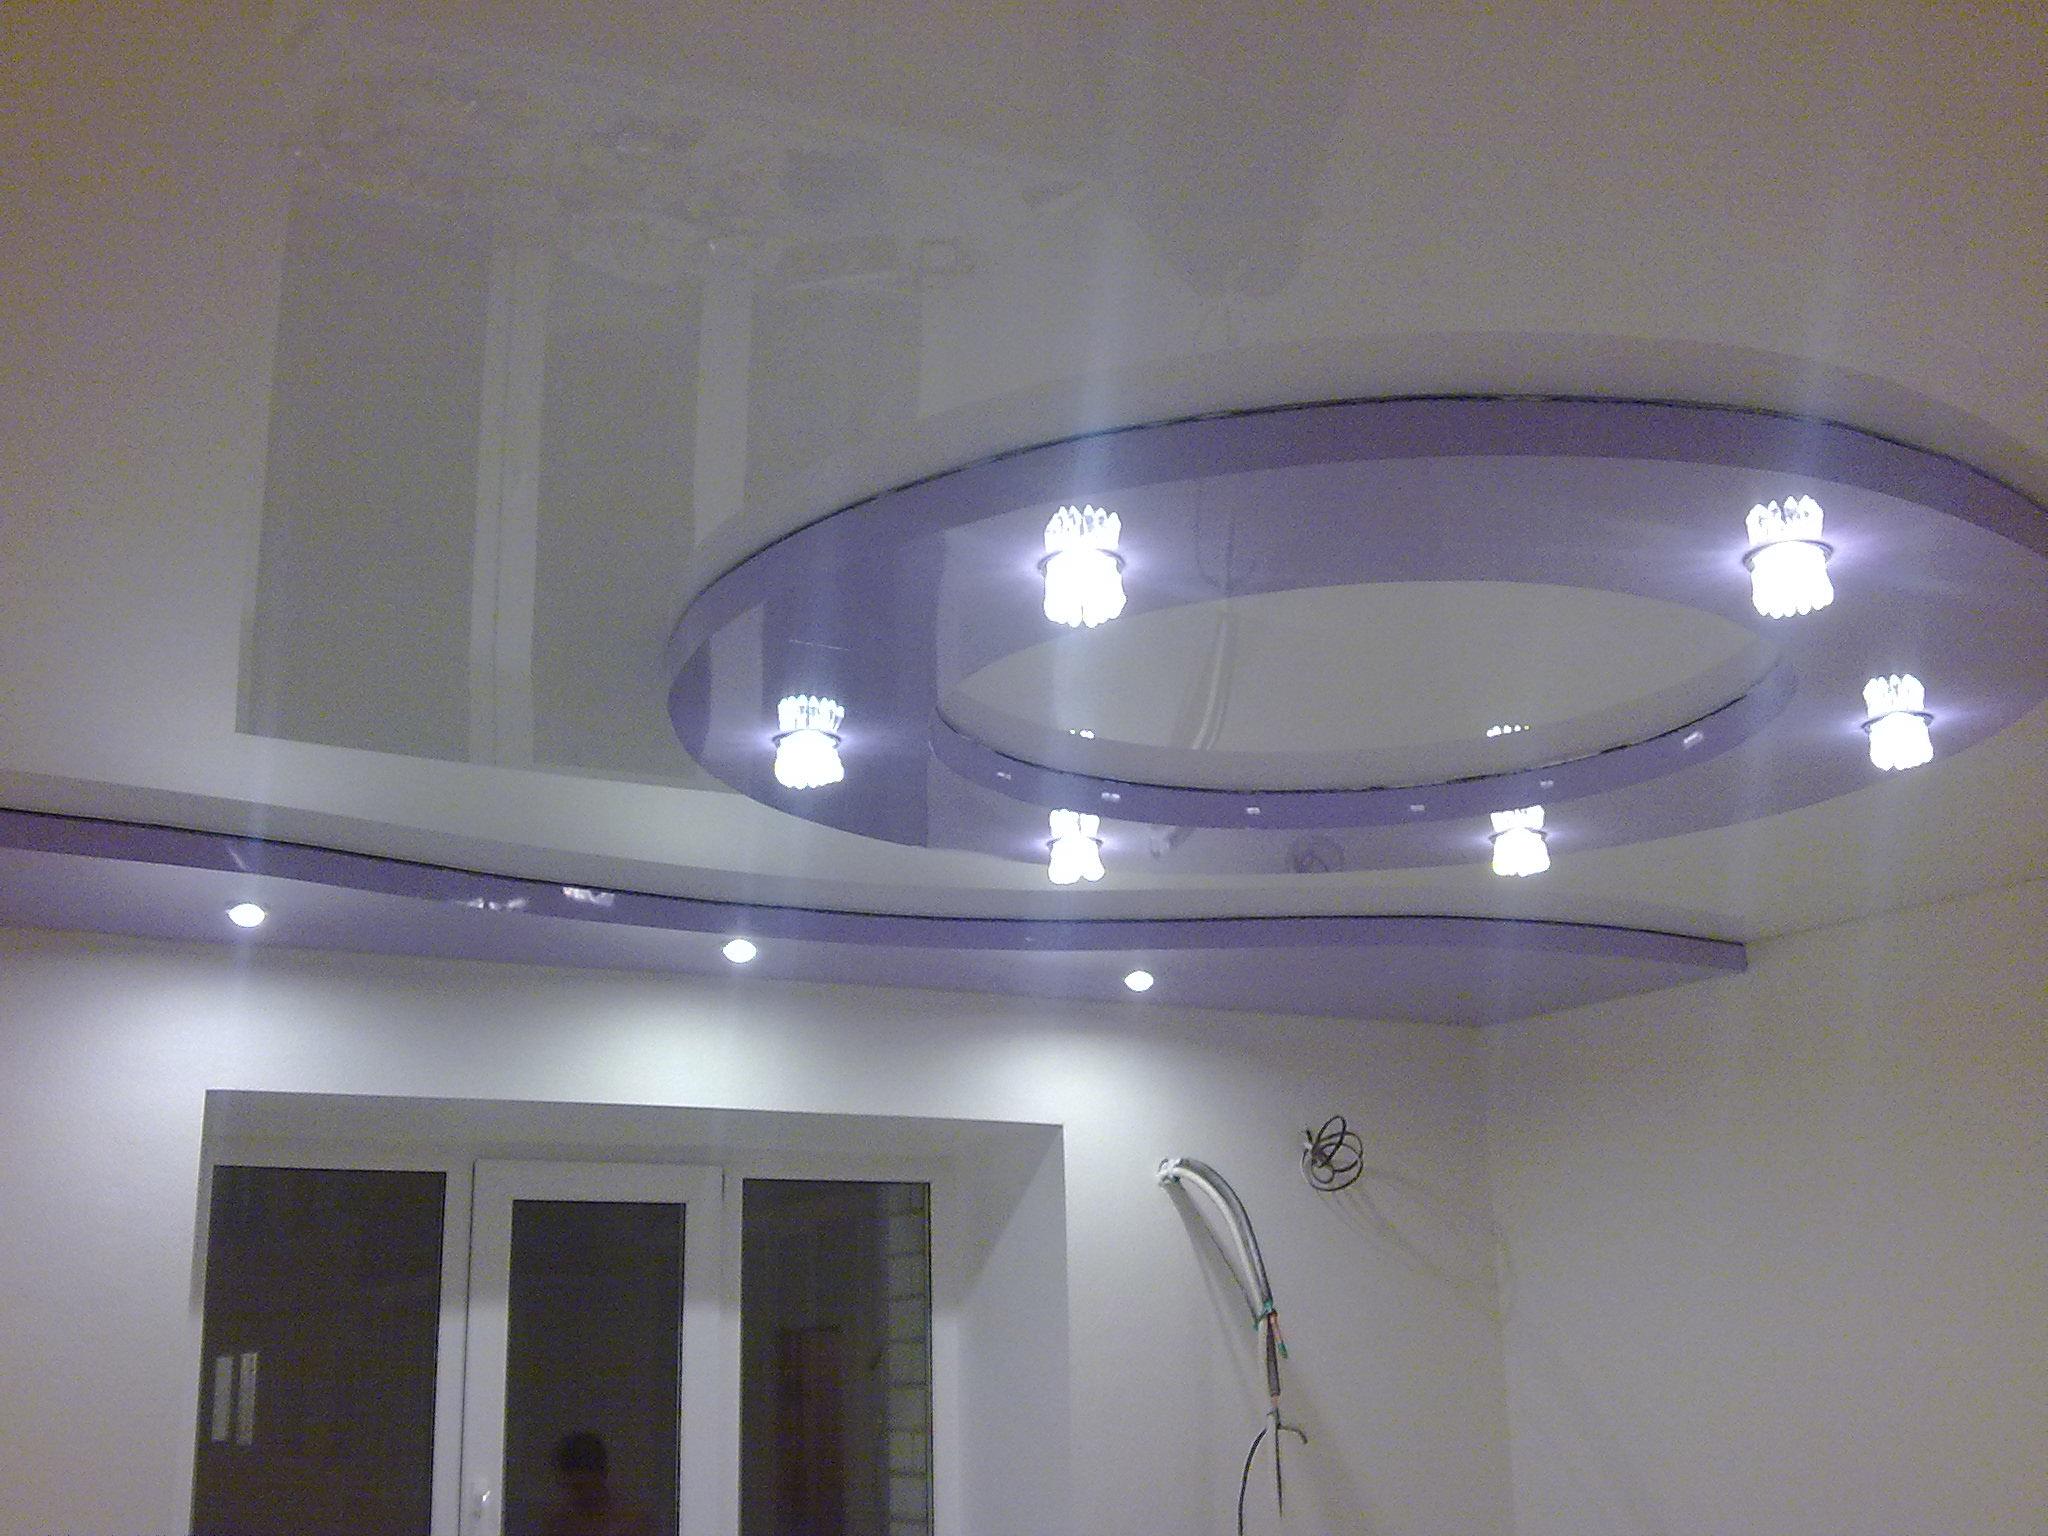 Глянцевый натяжной потолок бело-сиреневого цвета с двойной двухуровненой конструкцией и встроенными светильниками